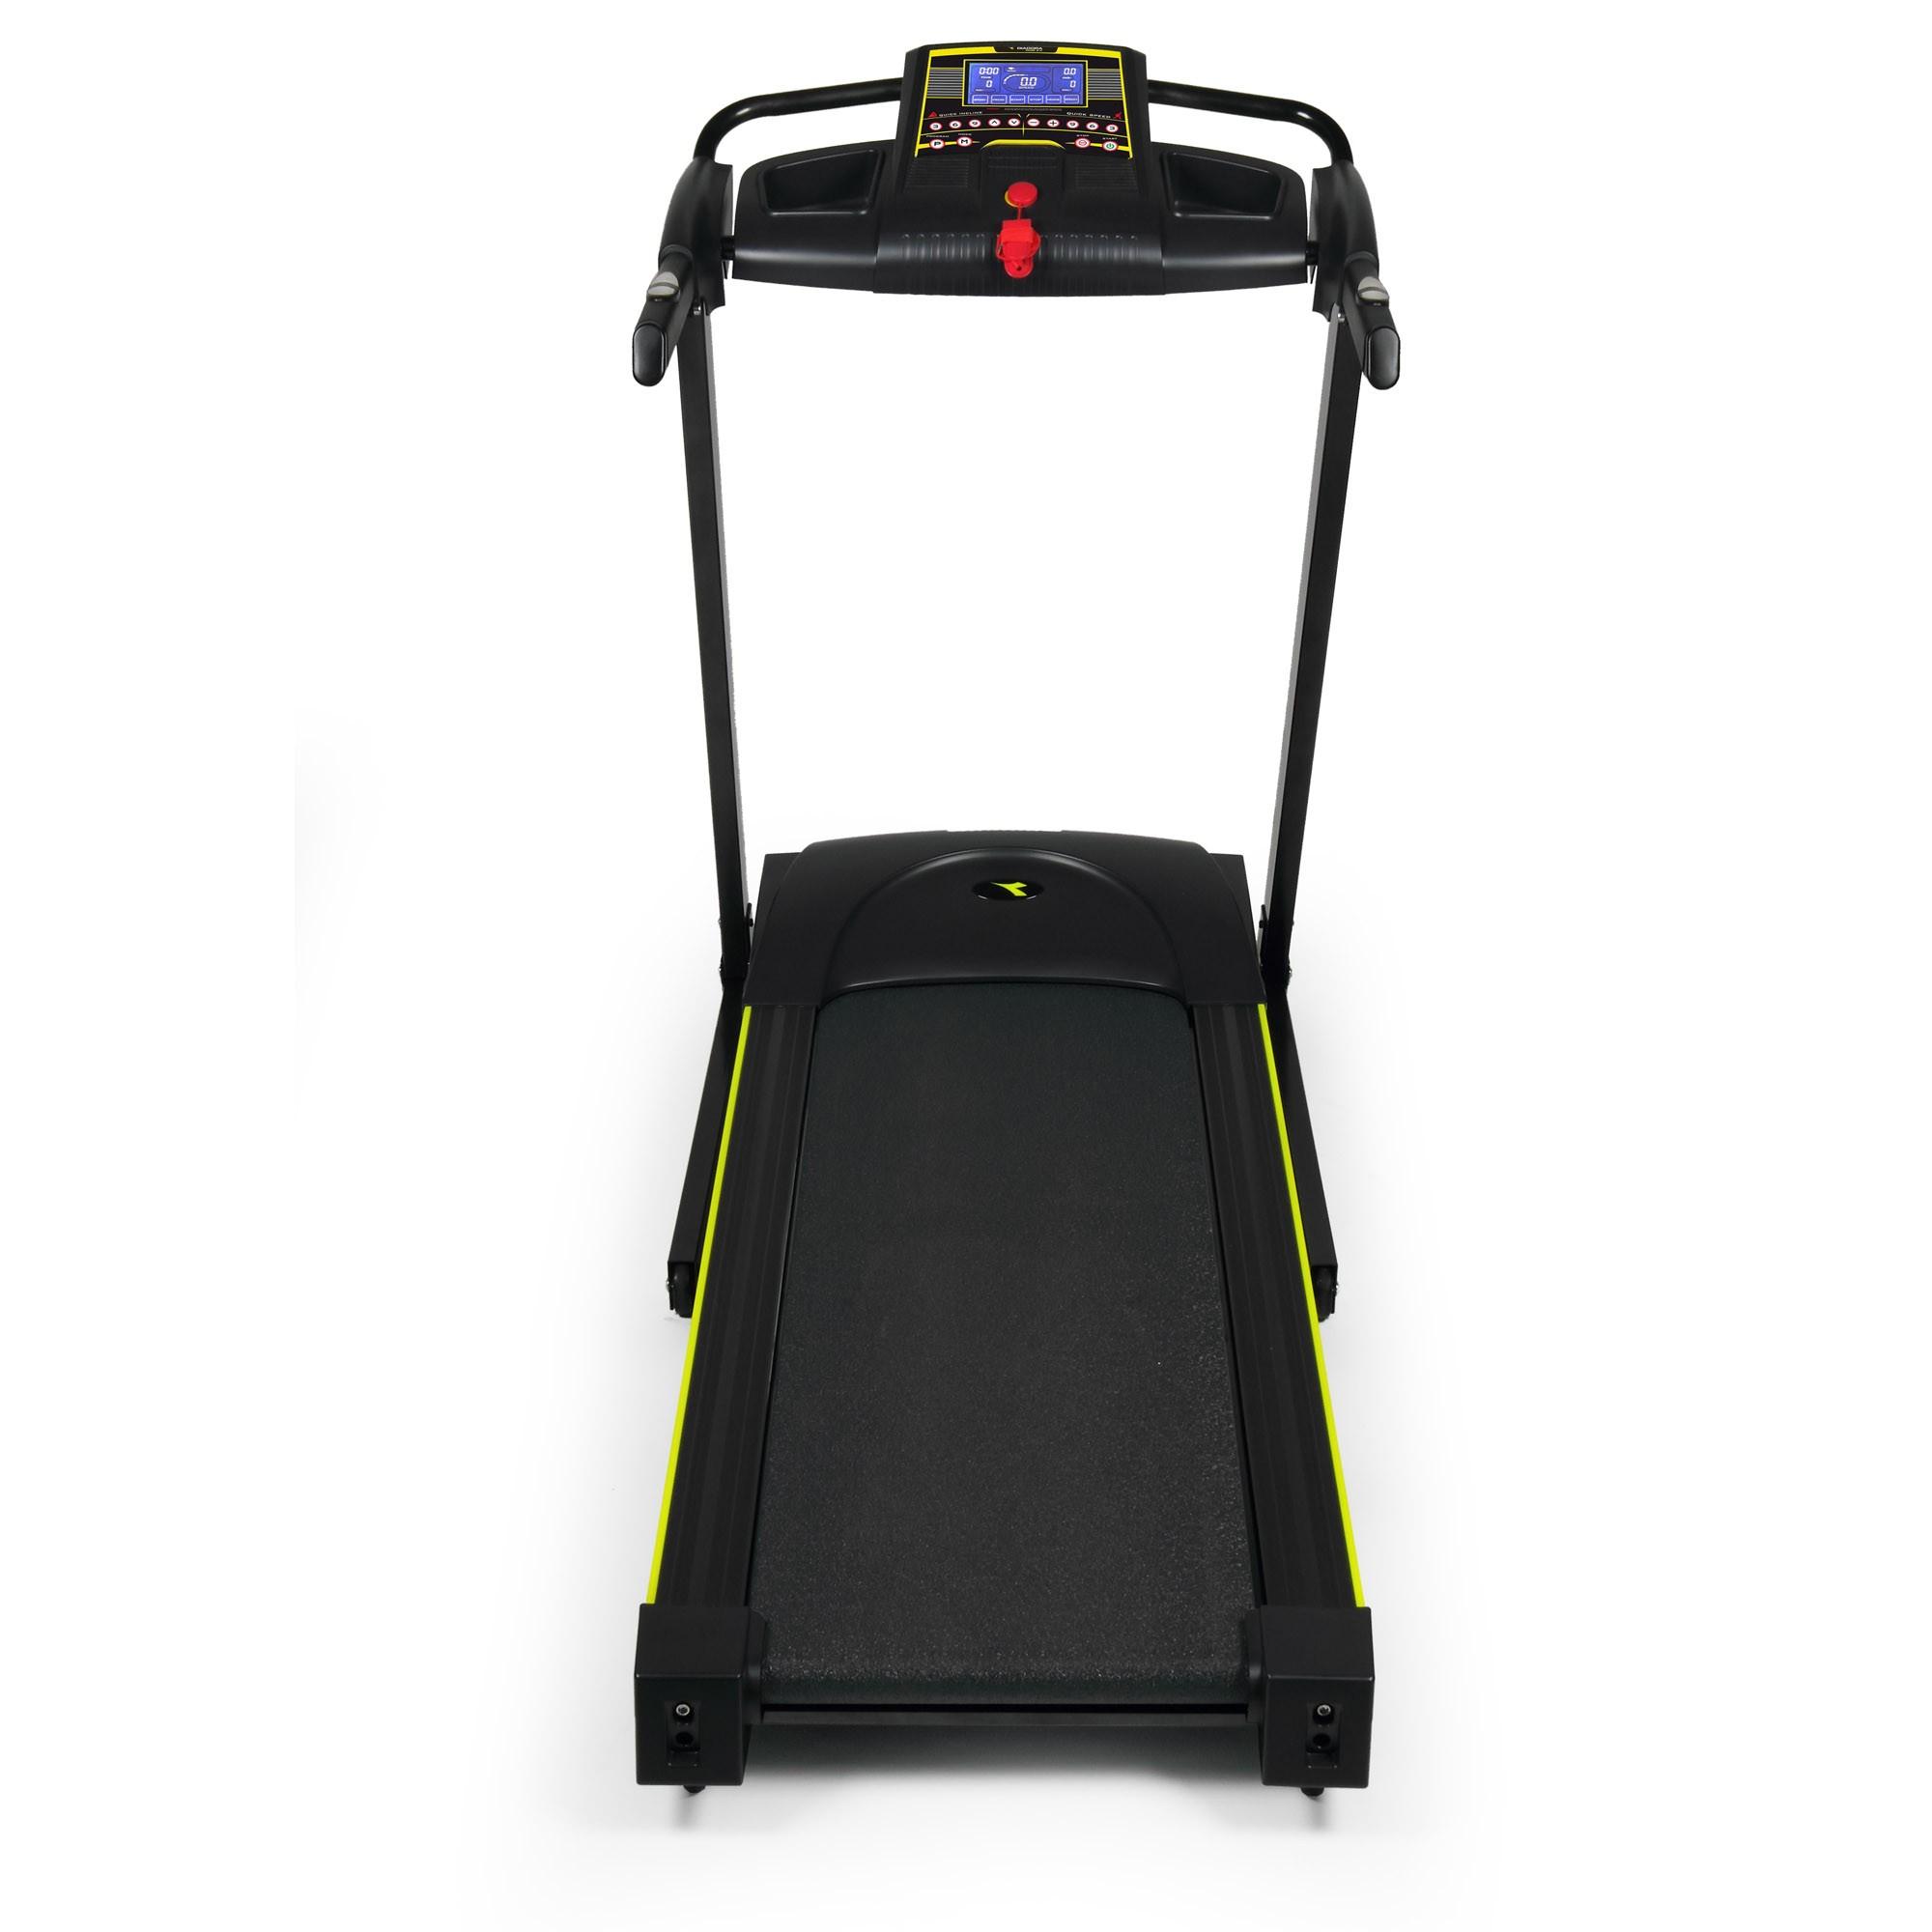 Tapis Roulant Diadora Edge 2.4 Dark - Diadora Fitness df4bcf4c8e7